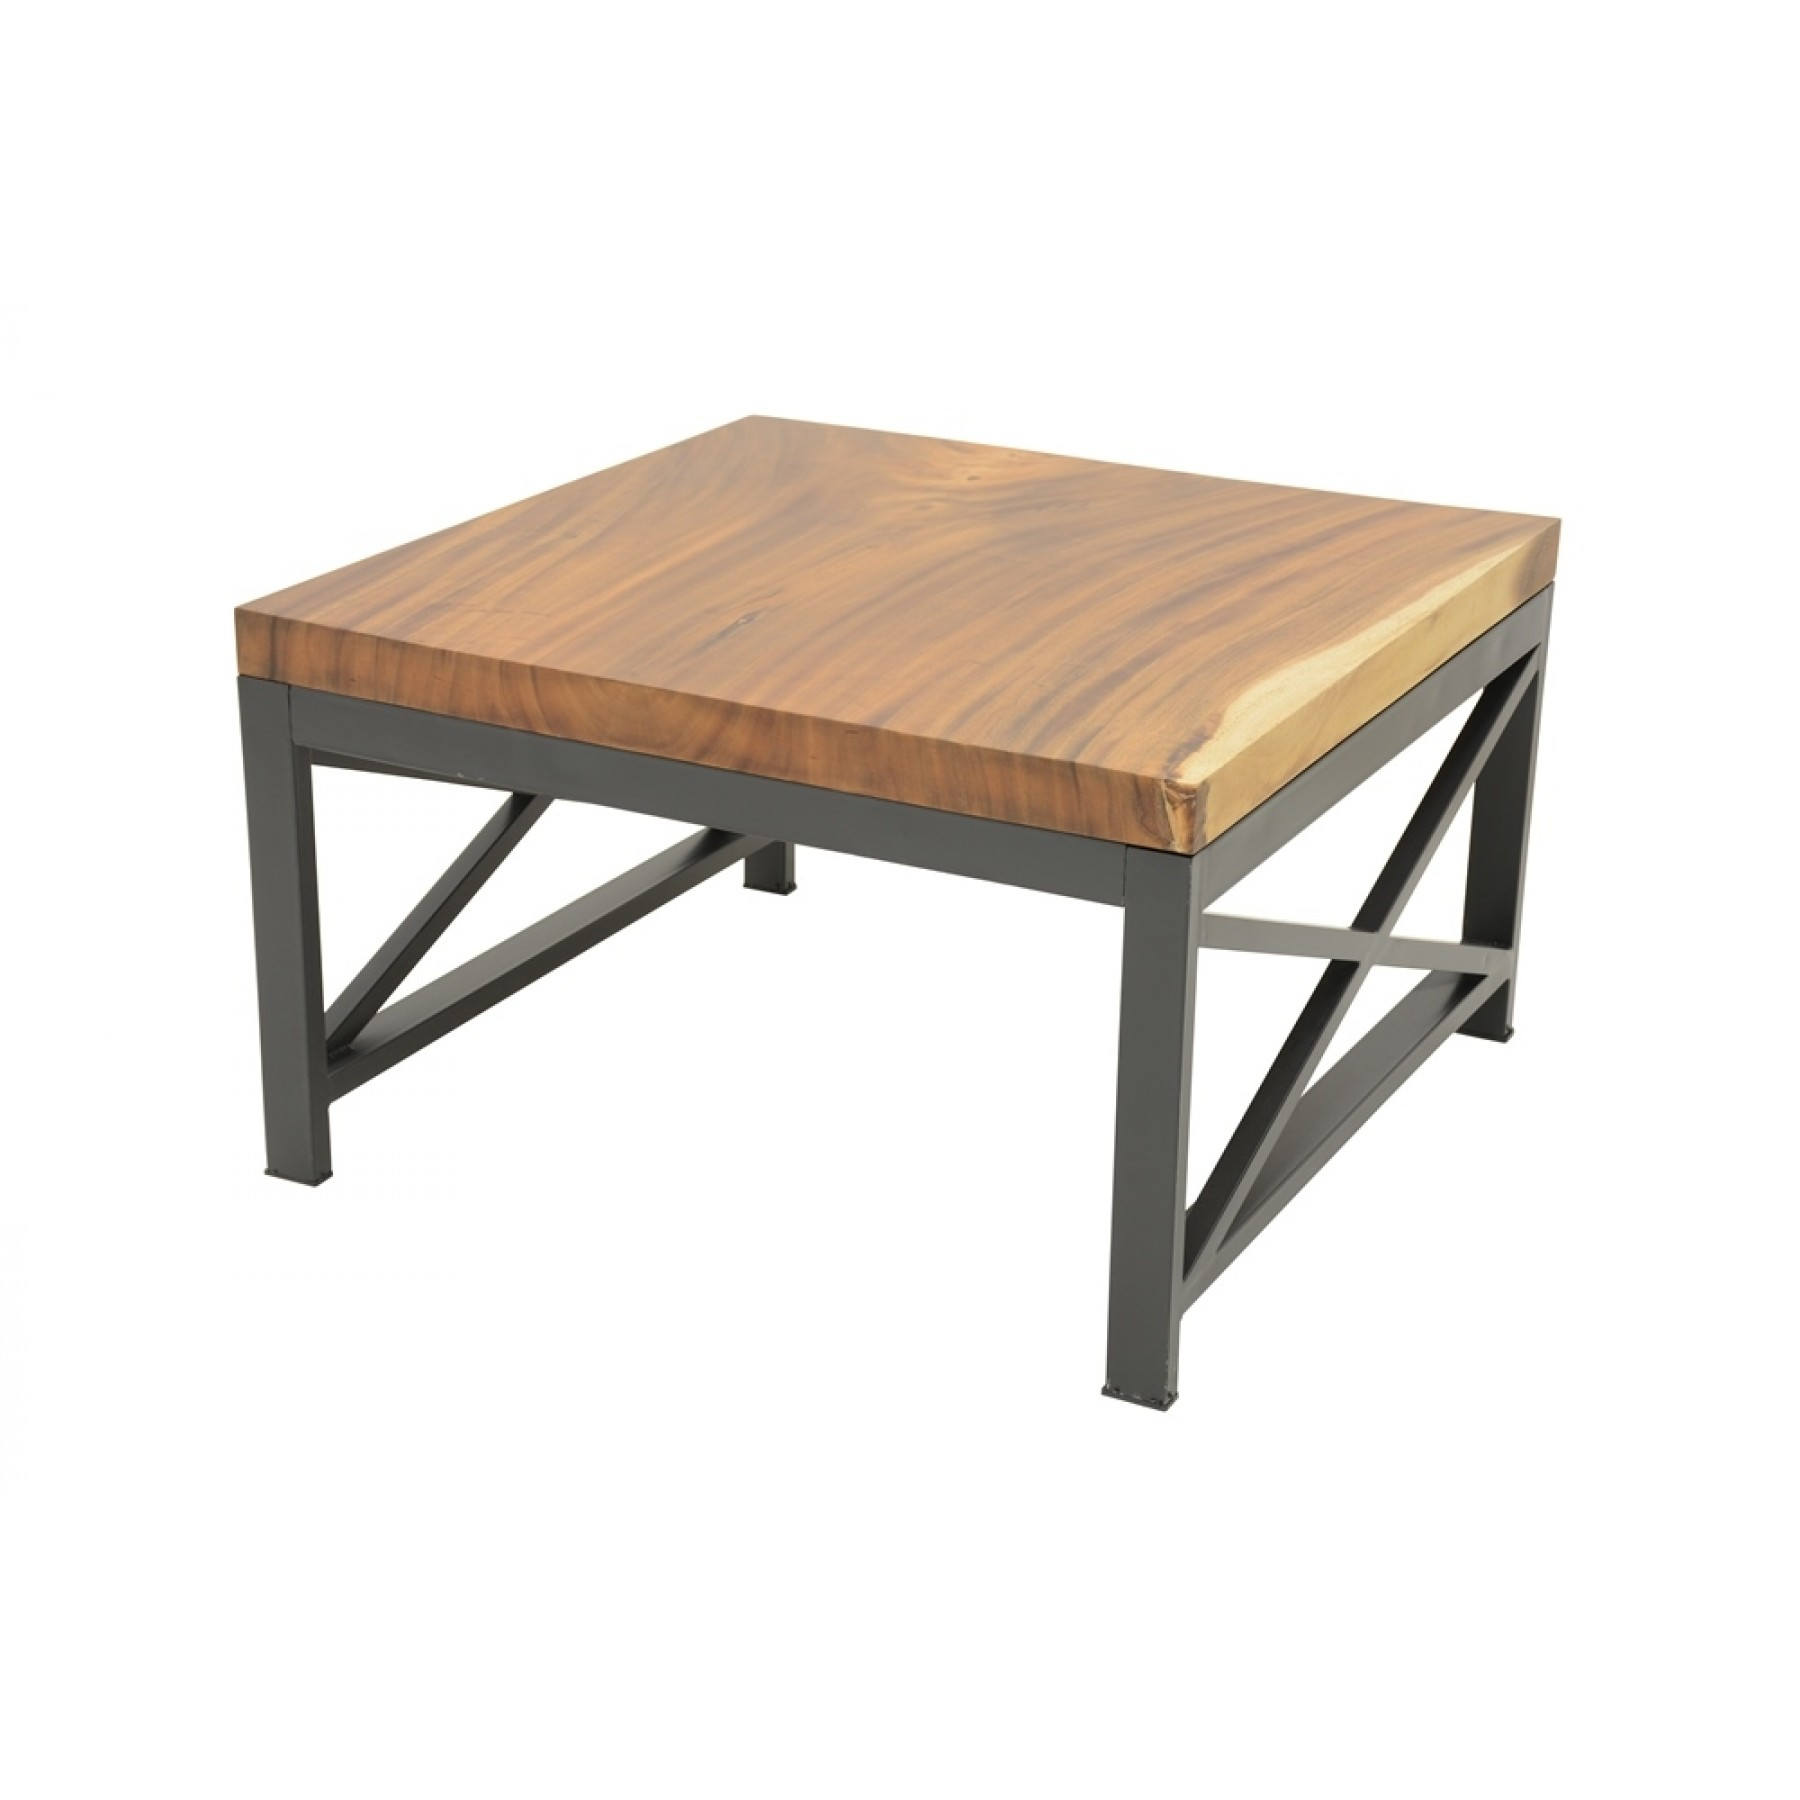 Table Et Bois D'acacia Basse Plateau Métal Épais Carrée Pieds nvm8w0yNO